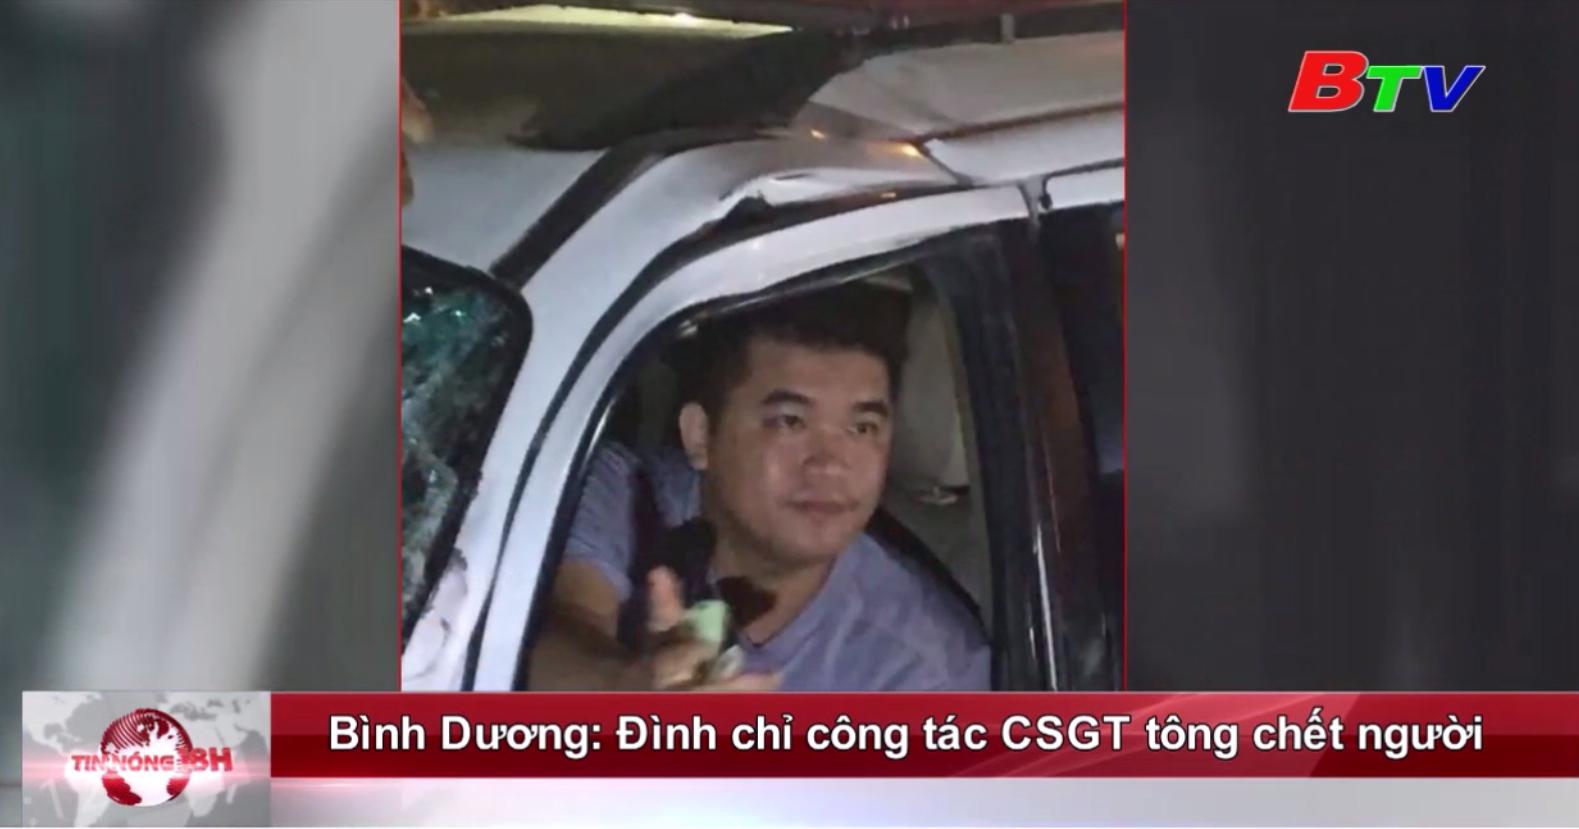 Bình Dương: Đình chỉ công tác CSGT tông chết người